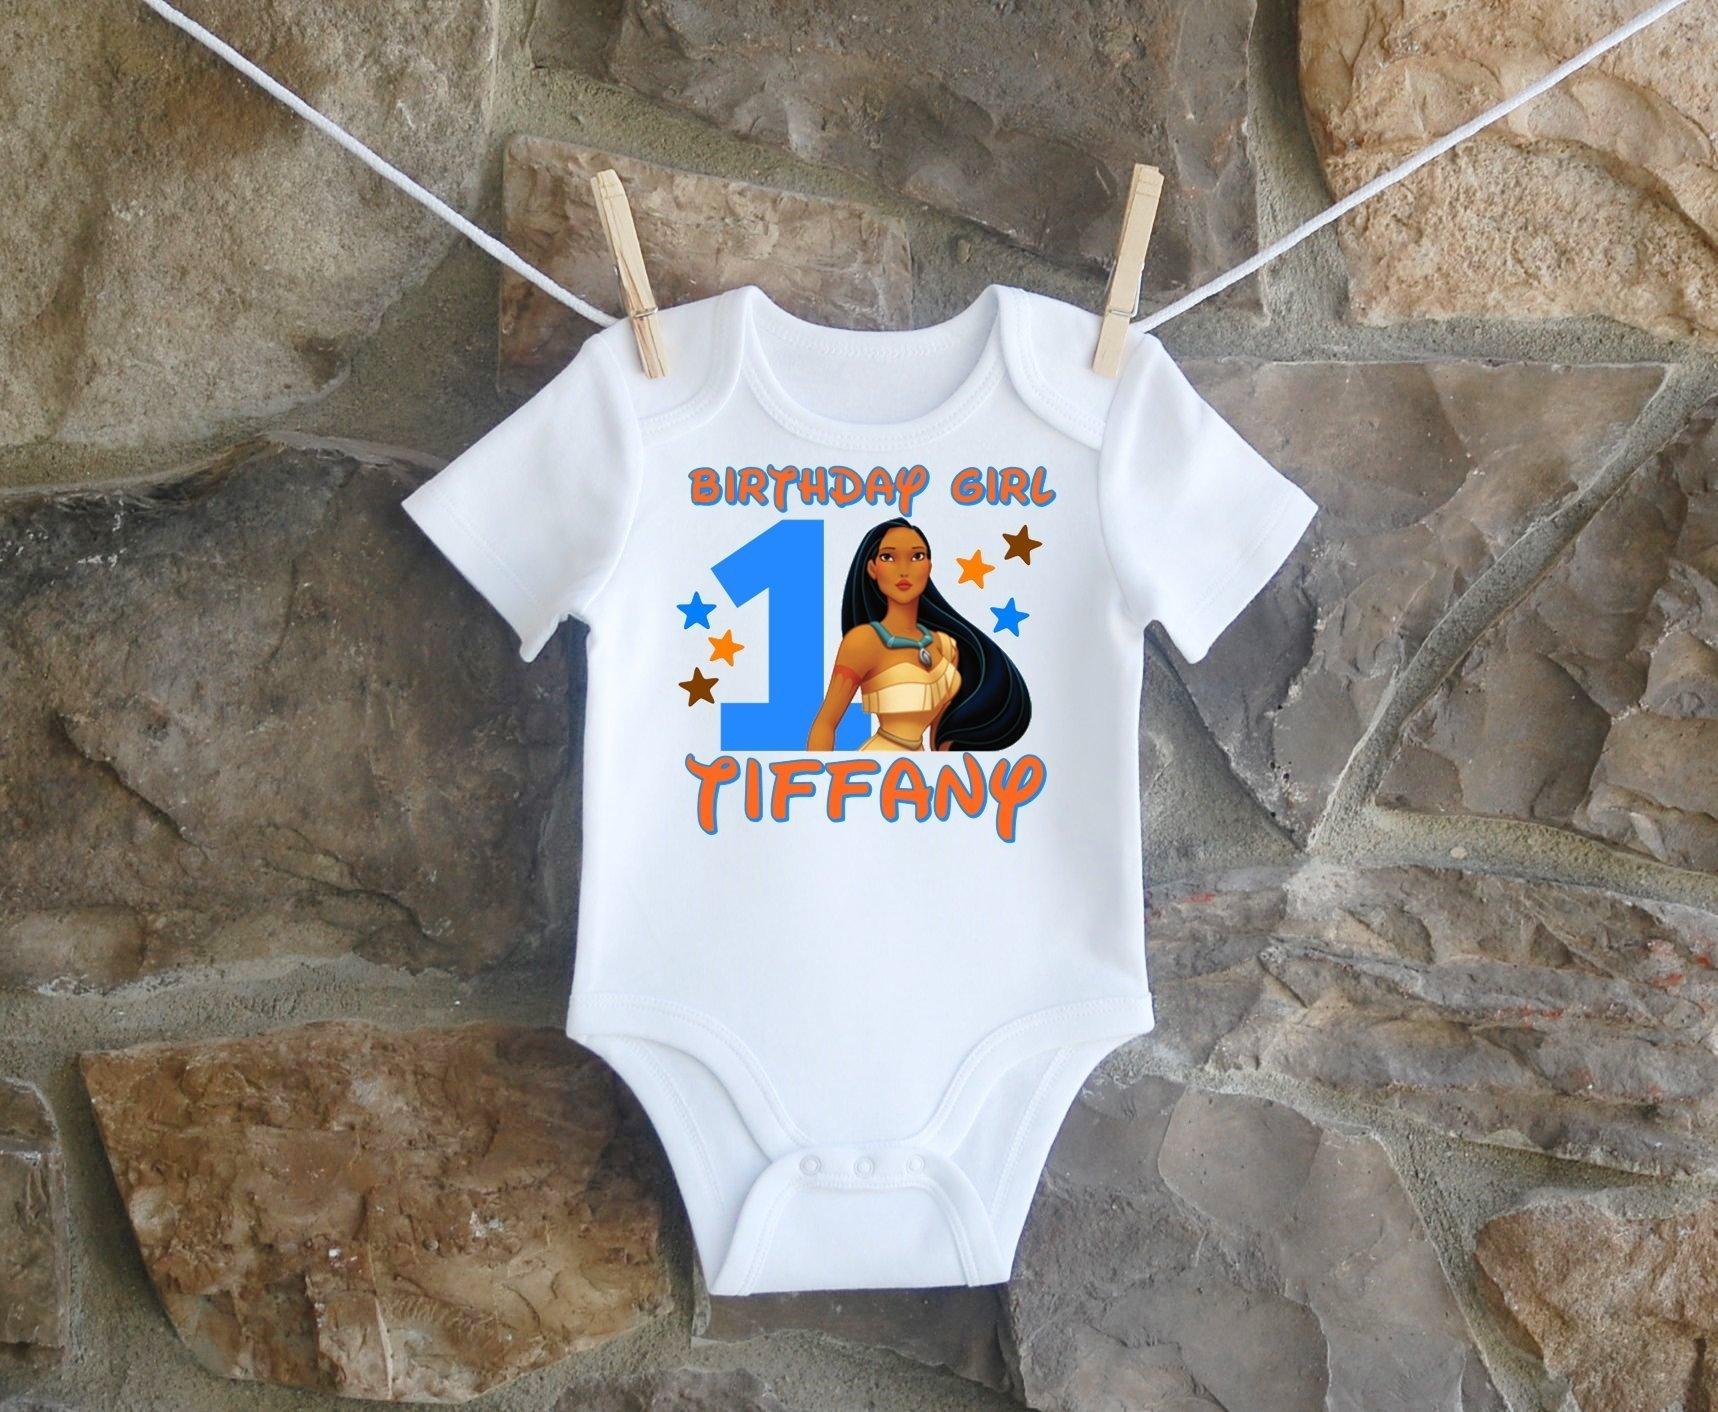 Pocahontas Birthday Shirt, Pocahontas Birthday Shirt For Girls, Personalized Girls Pocahontas Birthday Shirt, Customized Pocahontas Birthday Shirt